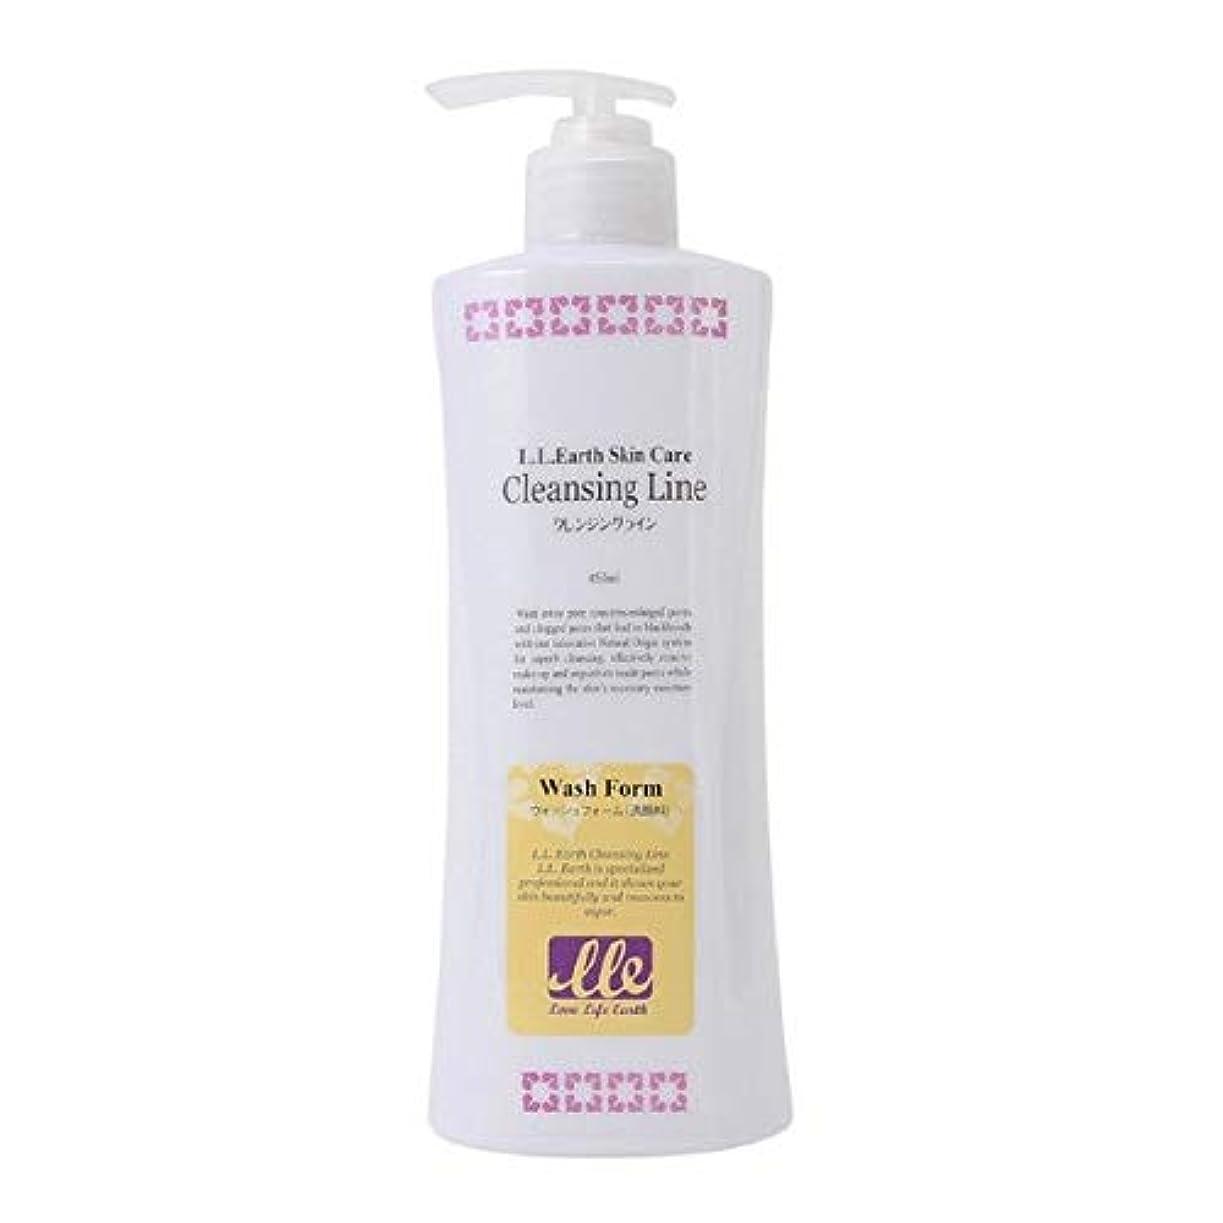 たとえ金貸し再びLLE ウォッシュフォーム 業務用 450ml 洗顔 洗顔料 クリームタイプ アロエベラ